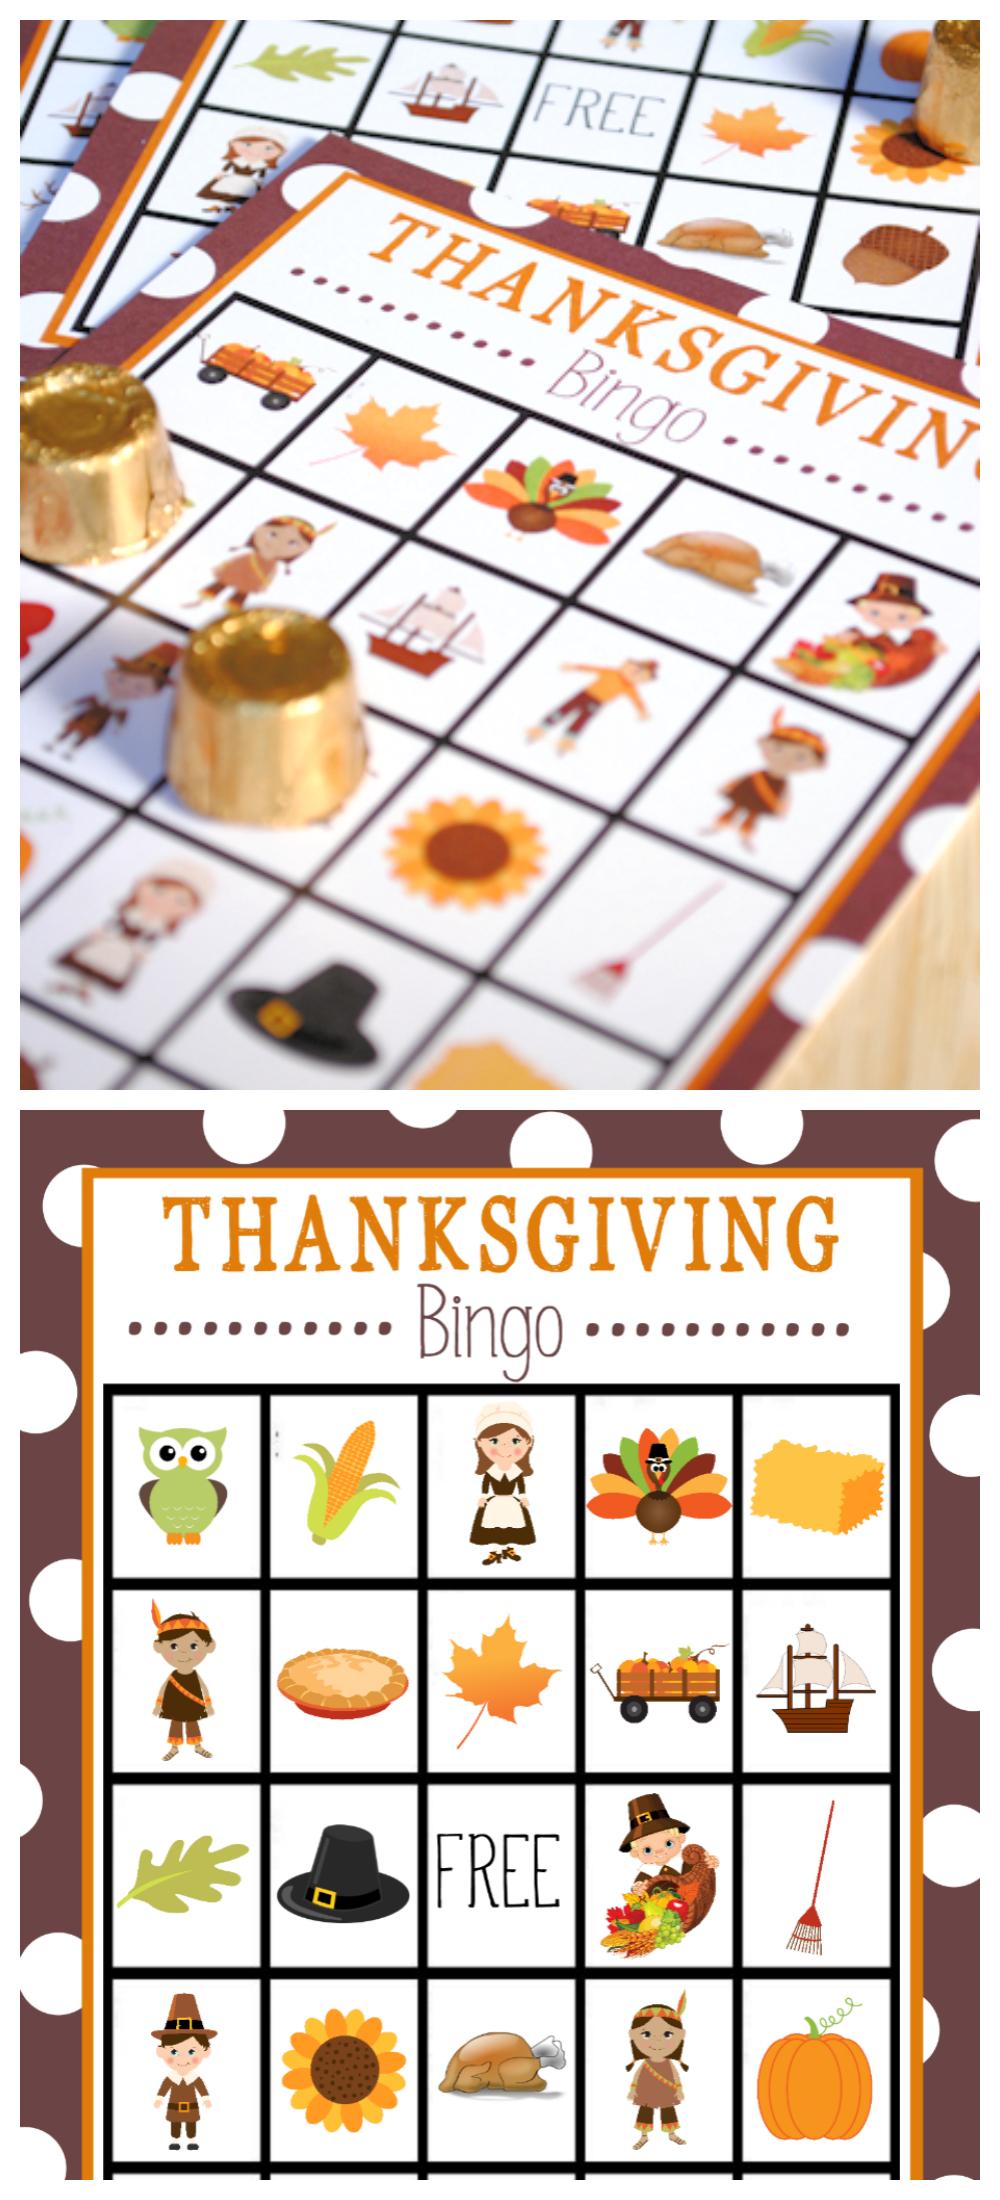 Free Printable Thanksgiving Bingo Game | Thanksgiving | Thanksgiving - Free Printable For Thanksgiving